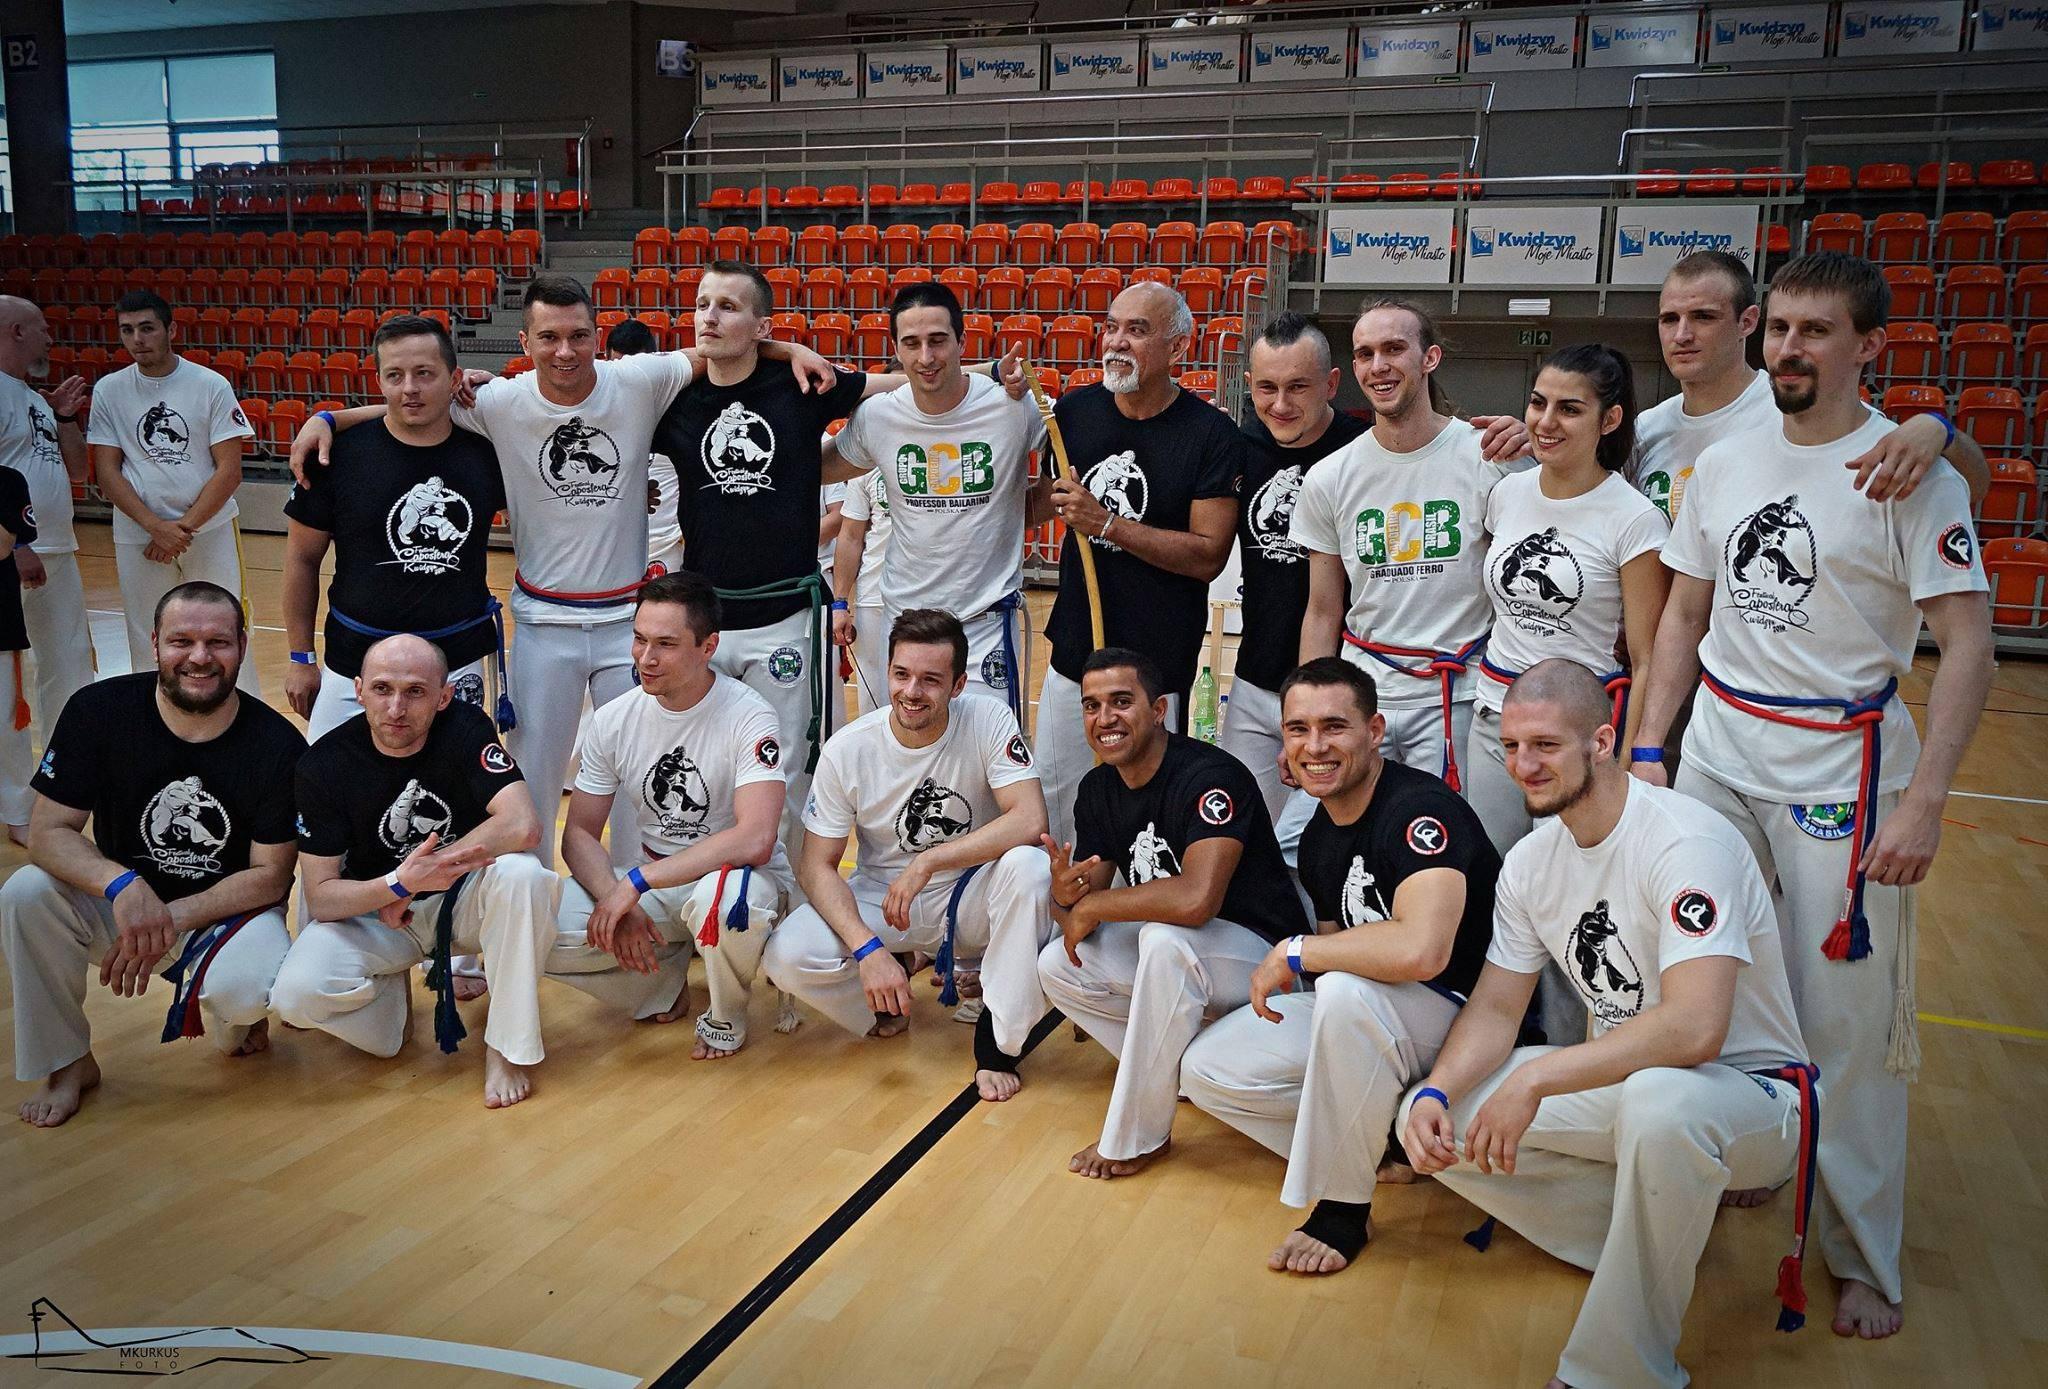 GCB Polska - Capoeira Brasil - Instrutor Mata - Czechowice-Dziedzice - Bielsko-Biała